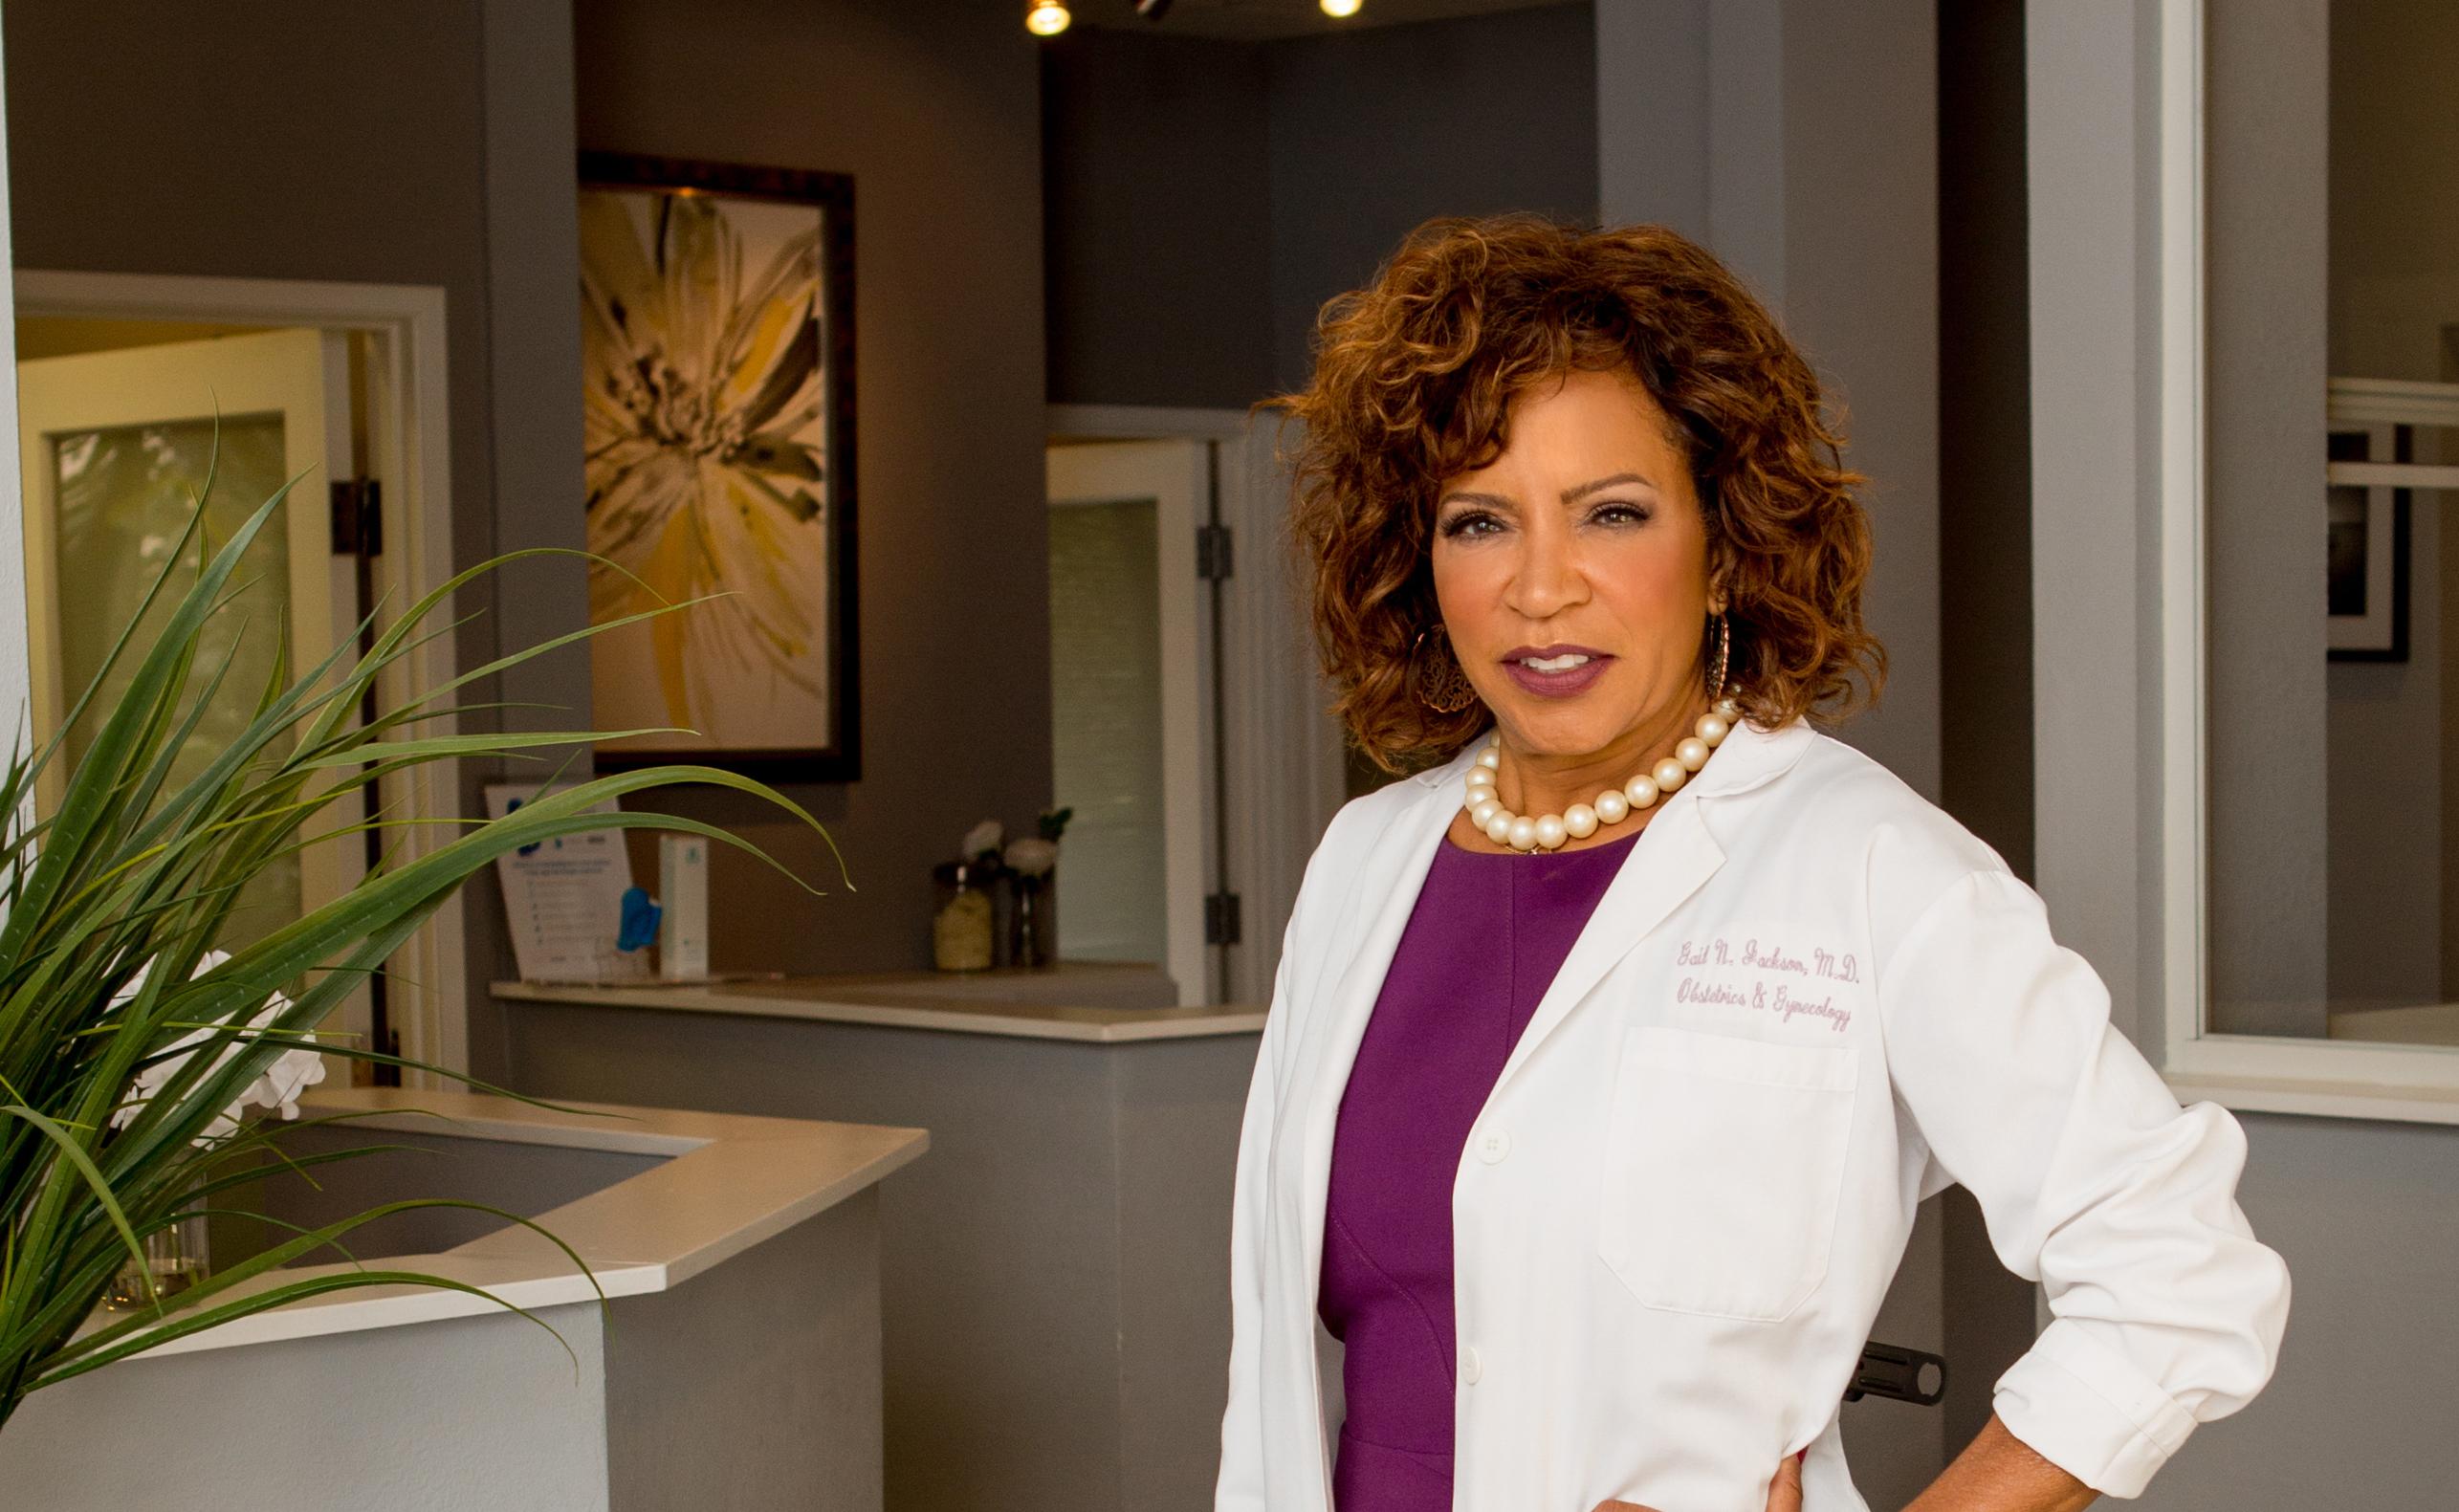 Dr. Gail Jackson